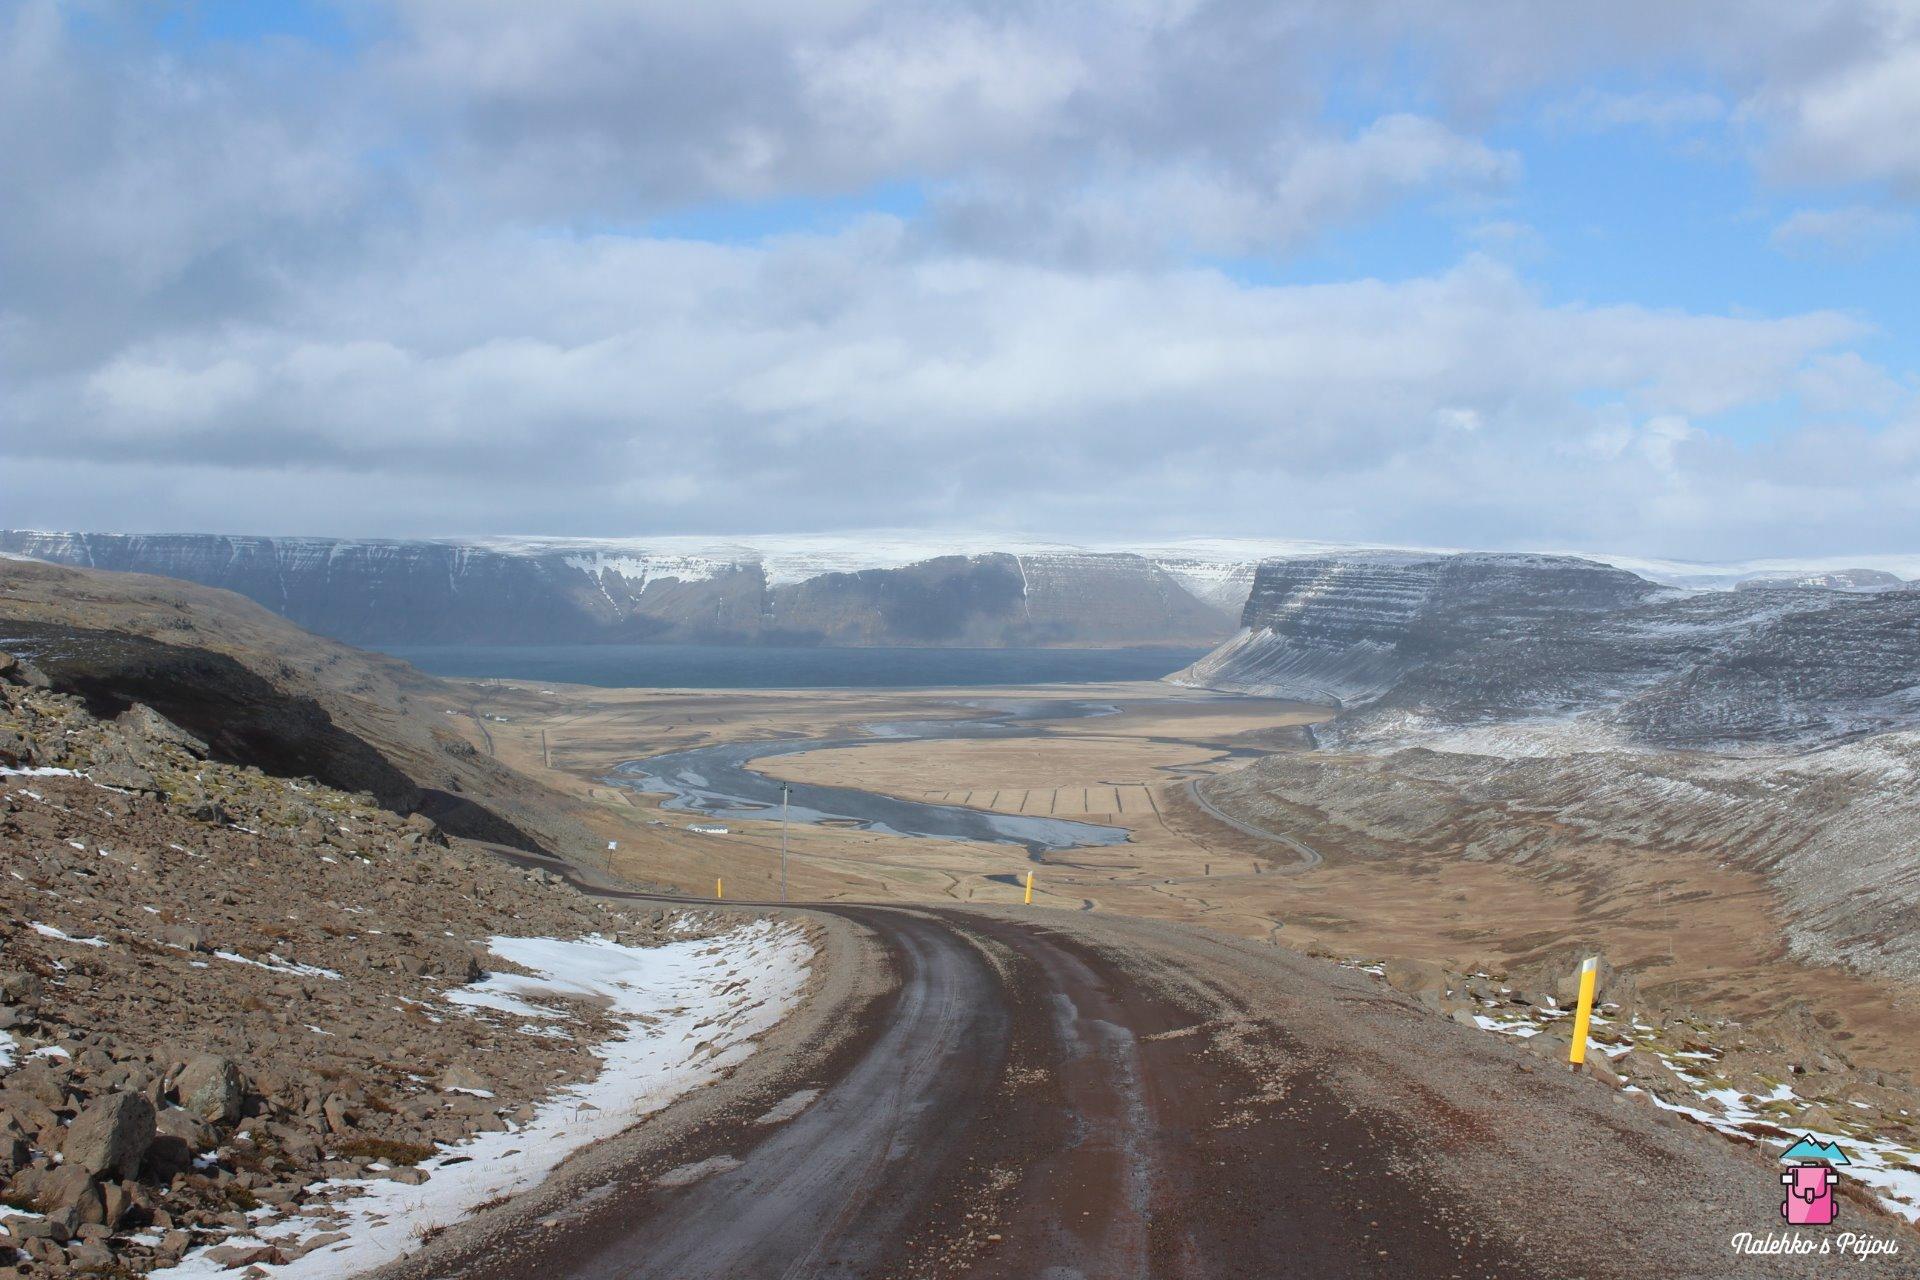 Pohled na druhou stranu silnice :D